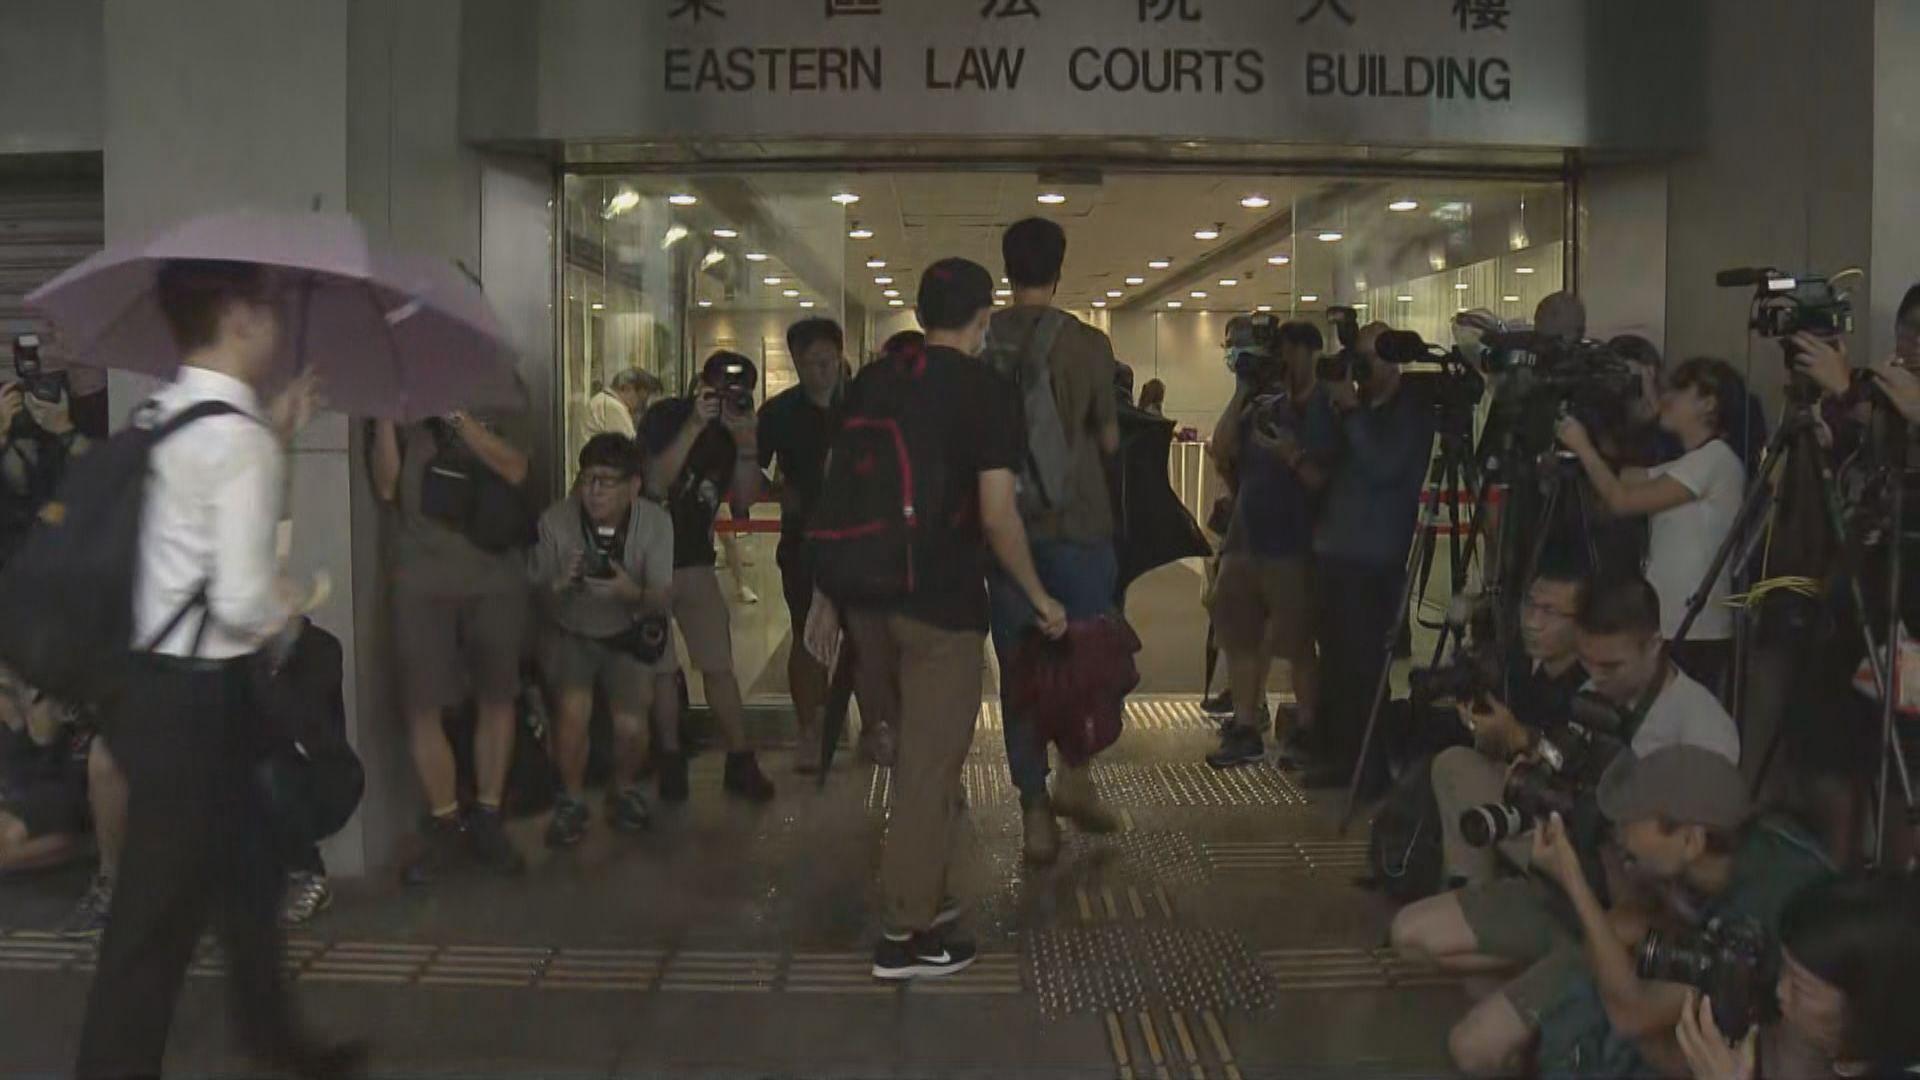 周日衝突44人被控暴動罪 東裁提堂